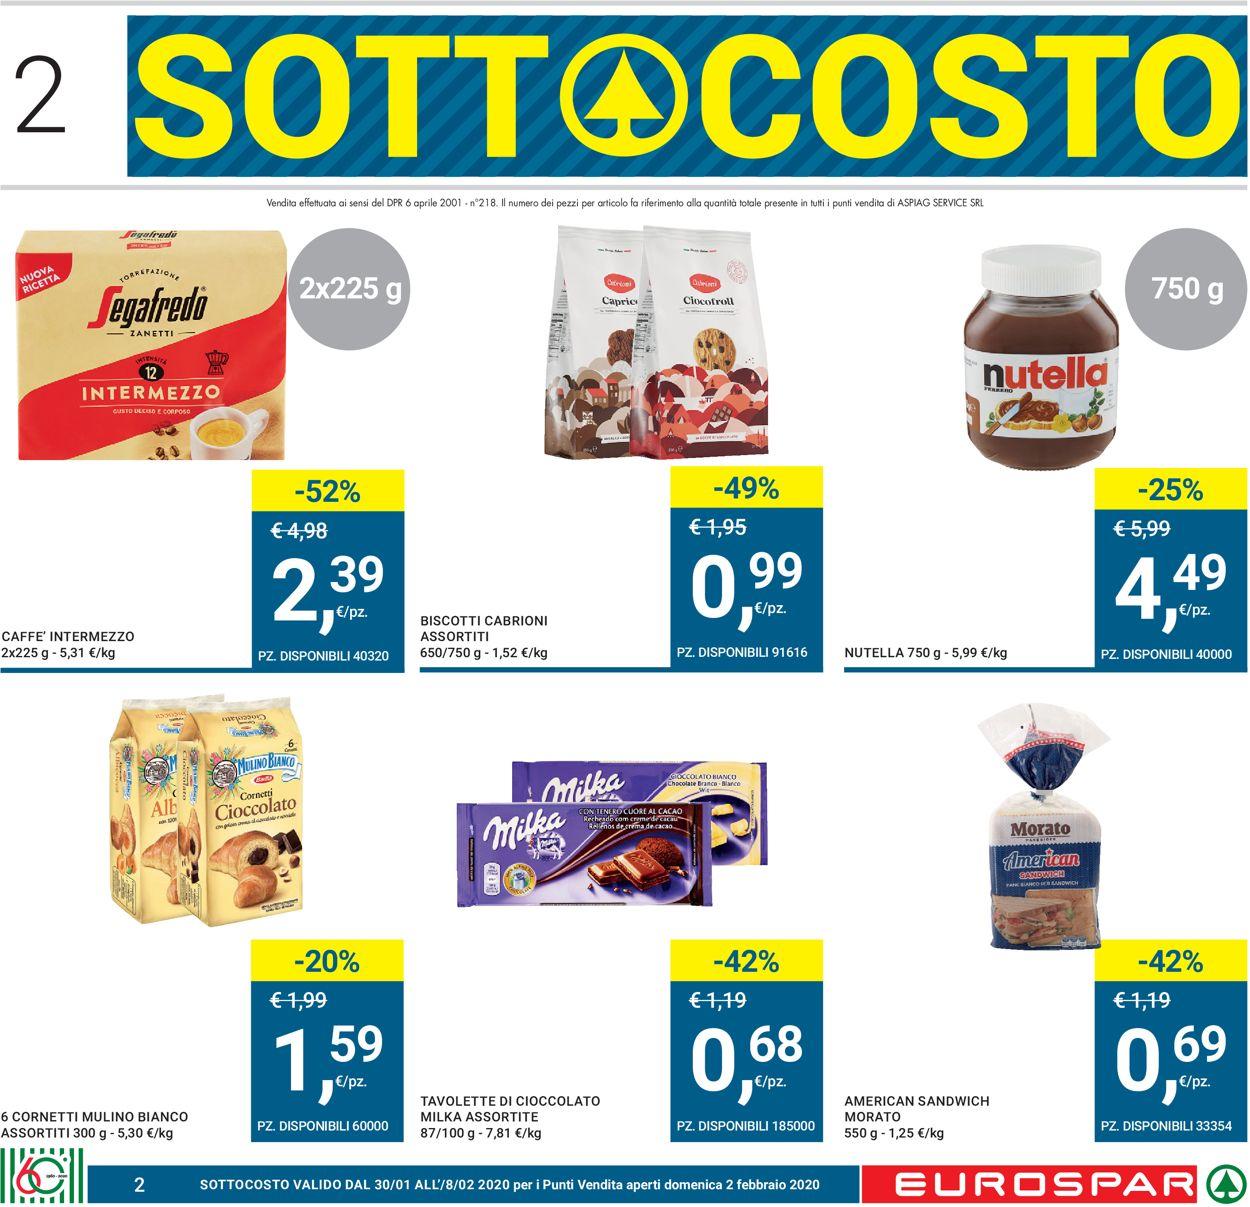 Volantino Eurospar - Offerte 30/01-12/02/2020 (Pagina 2)